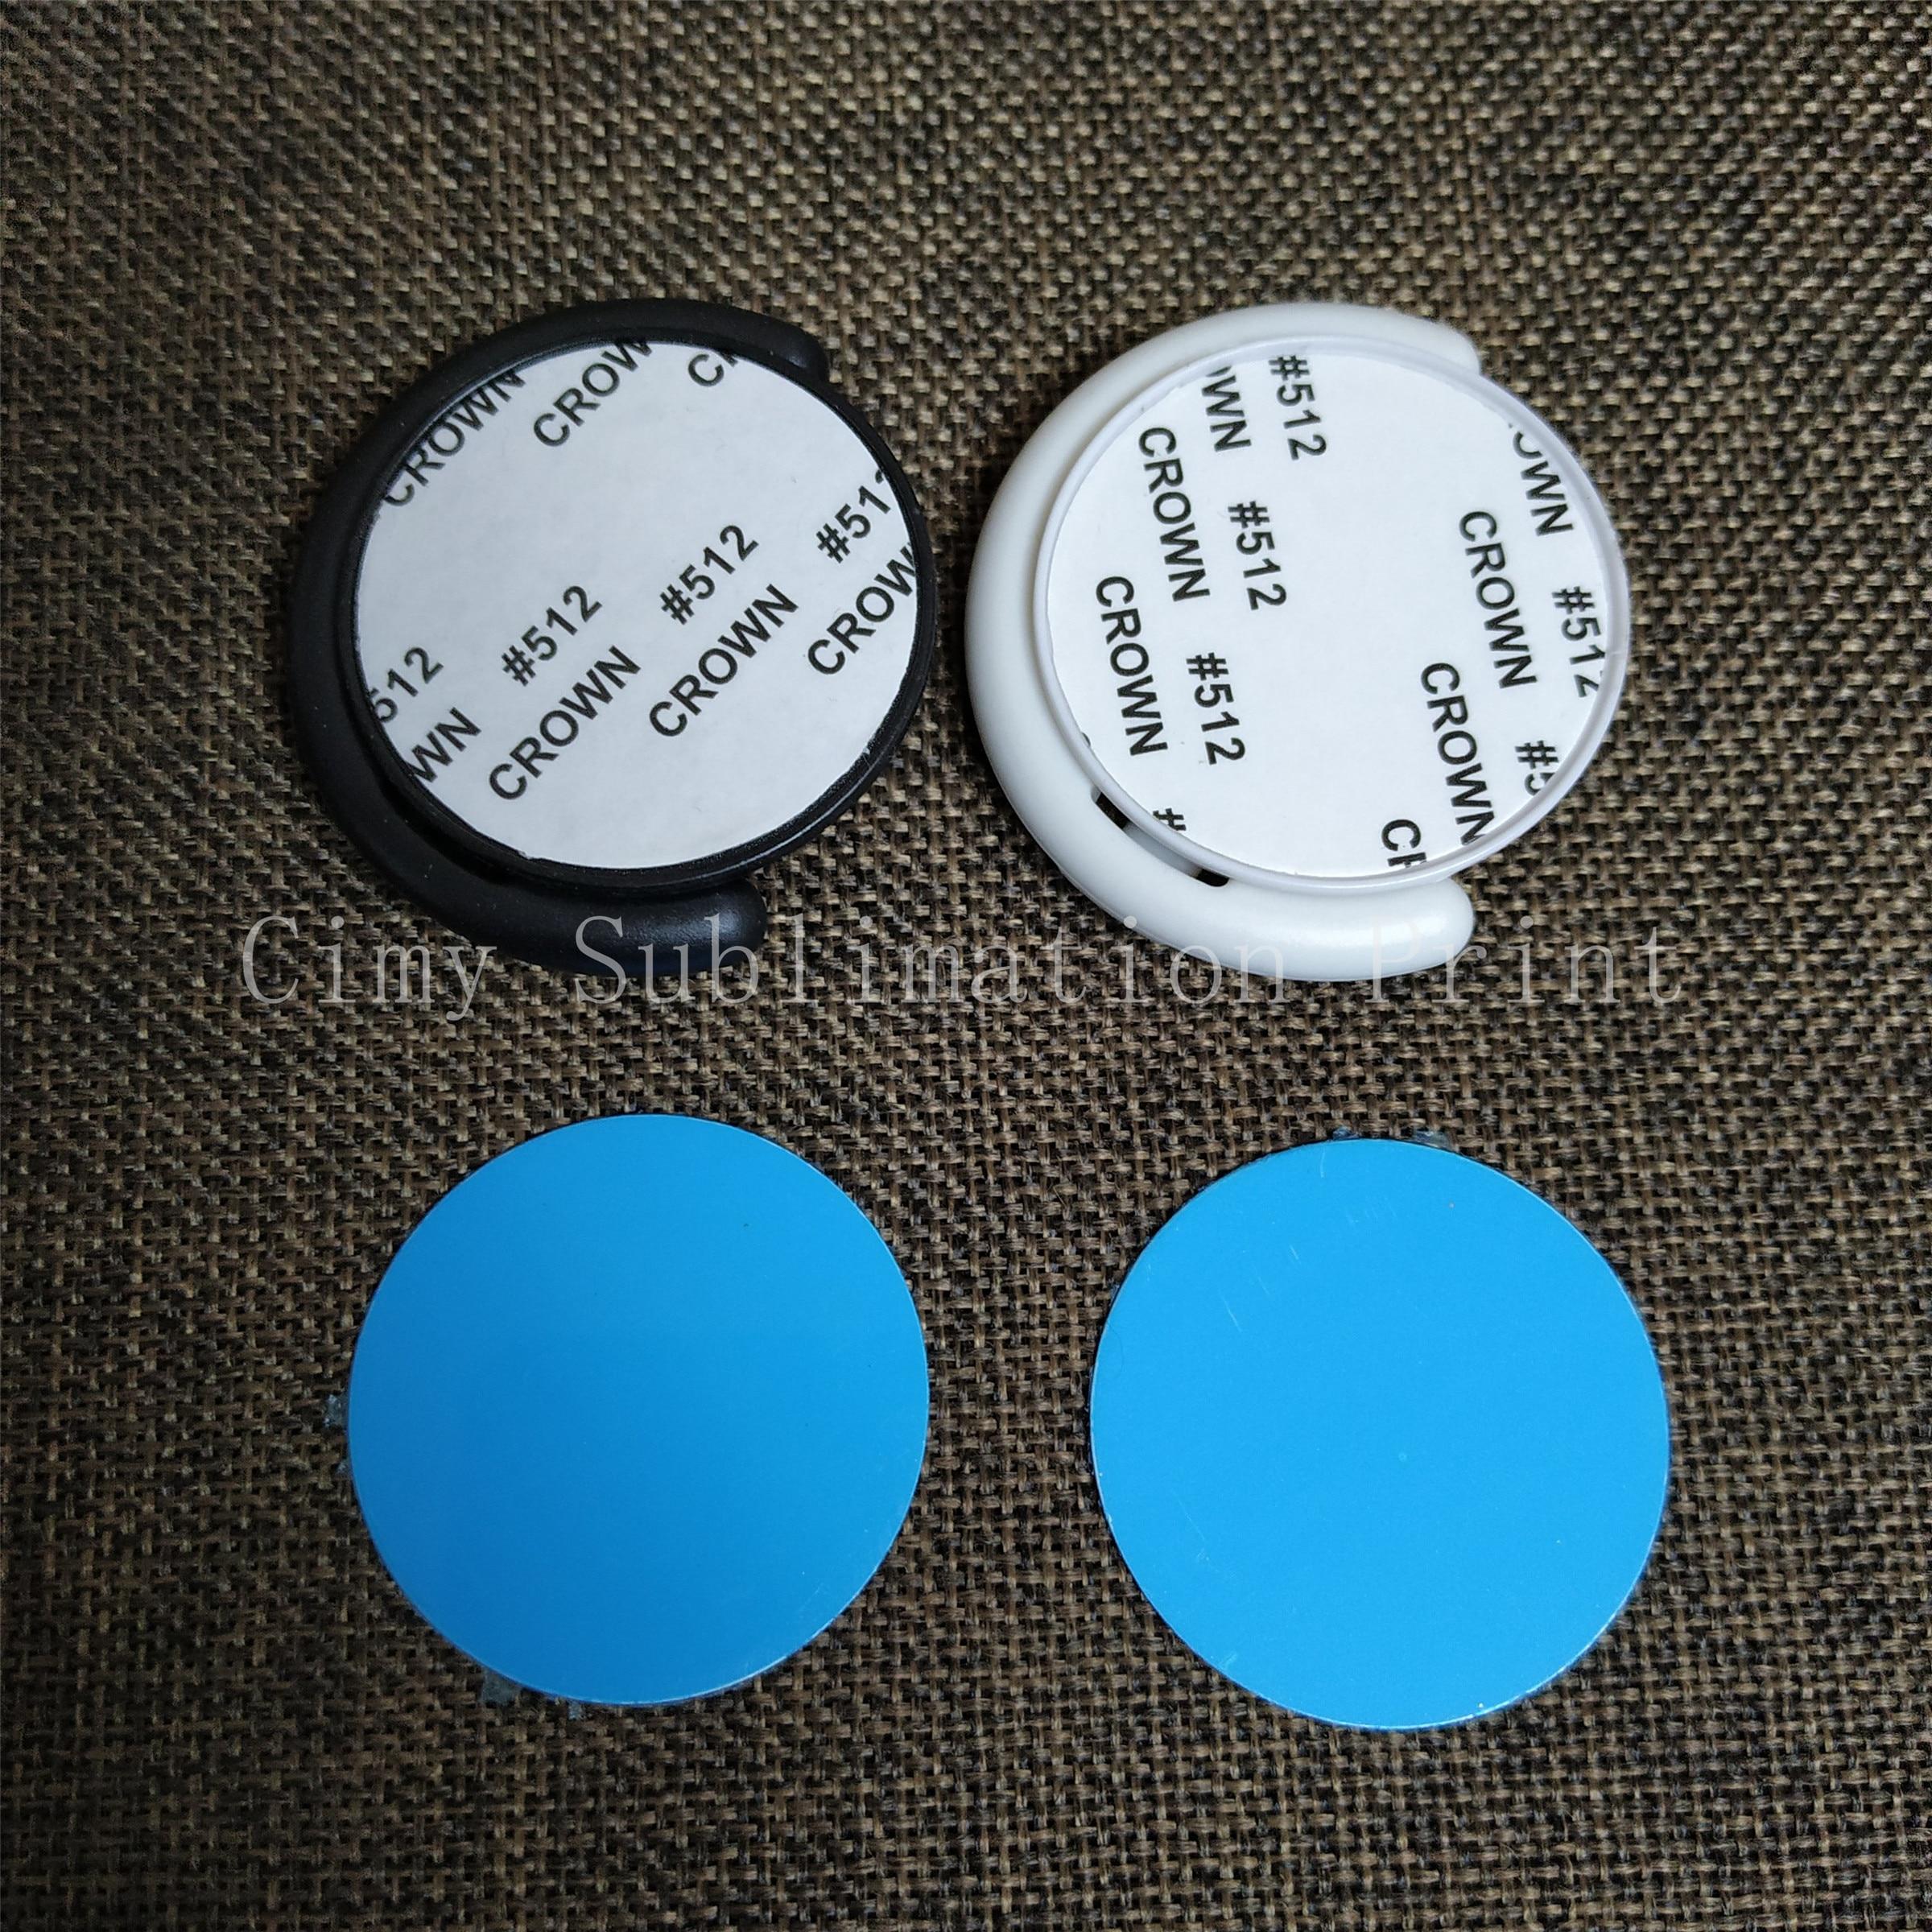 100 יח'\חבילה סובלימציה ריק נייד טלפון פלסטיק מחזיק עם מתכת הכנס חום trasnfer הדפסה טלפון מקרה מחזיק מעמד